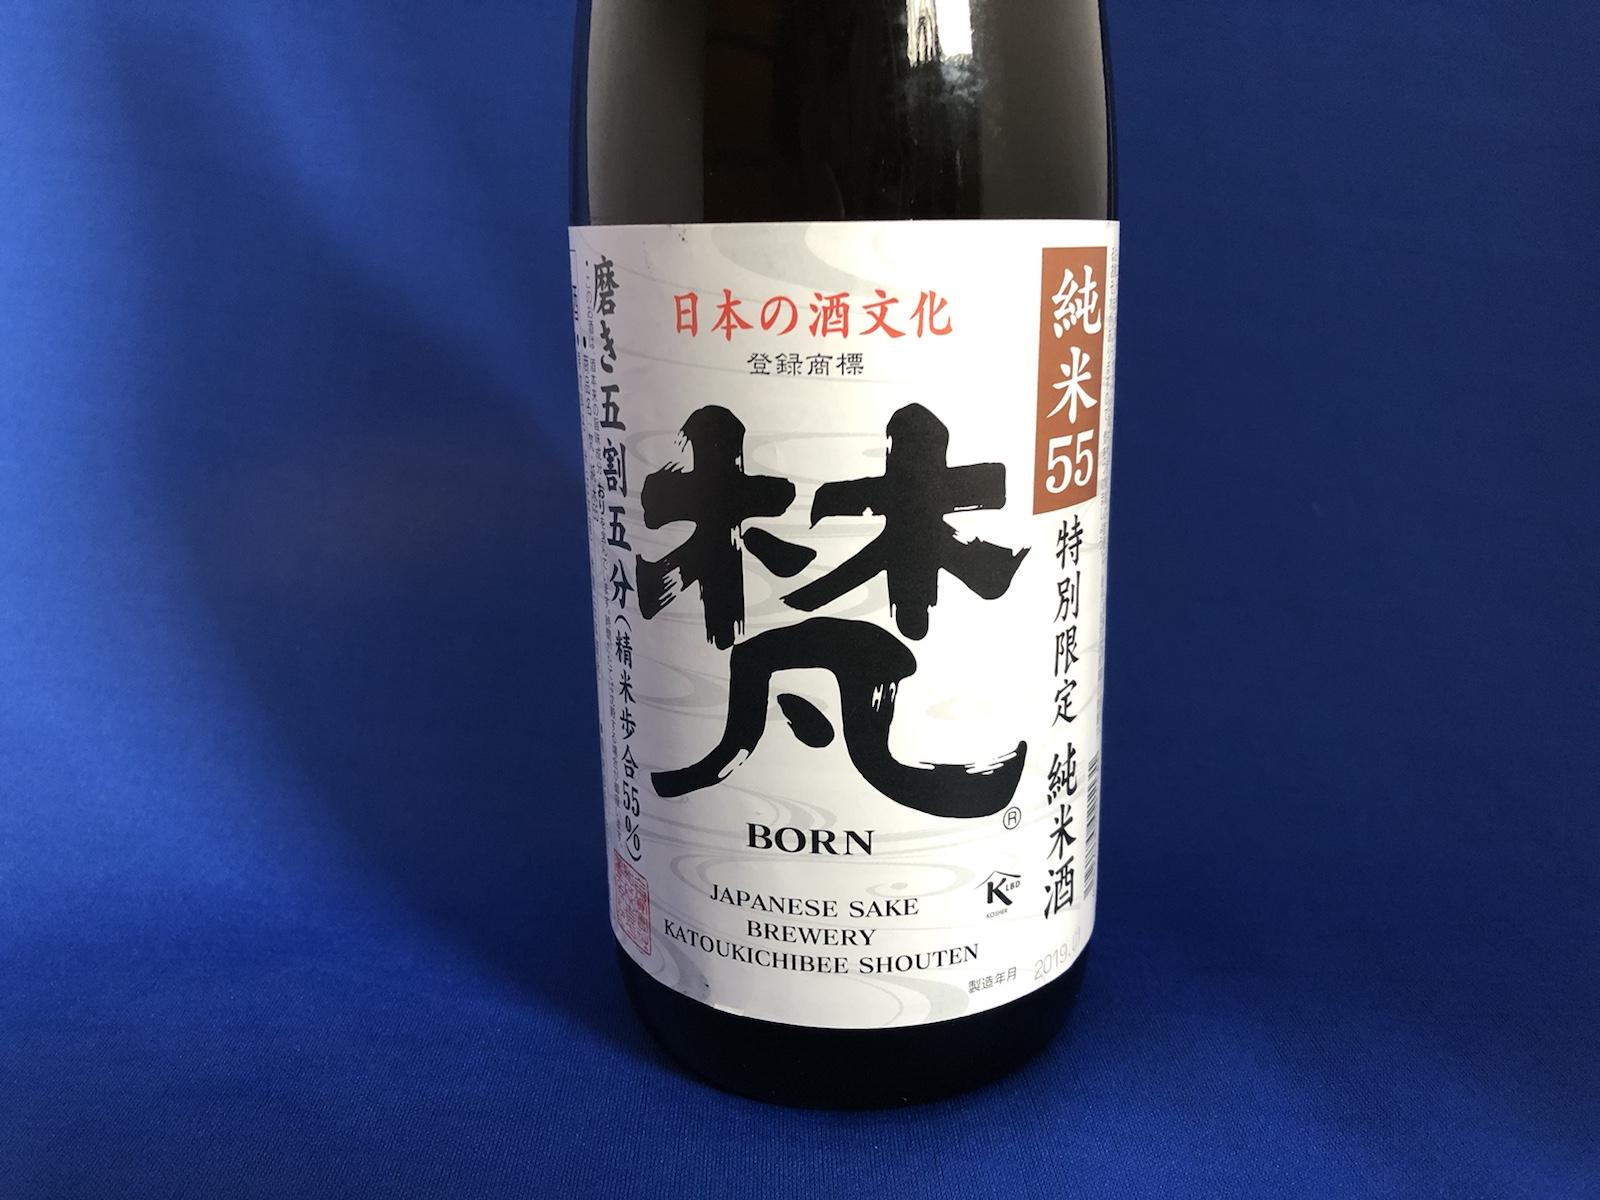 世界に誇る日本酒を鯖江から!「梵 純米55」特別限定純米酒